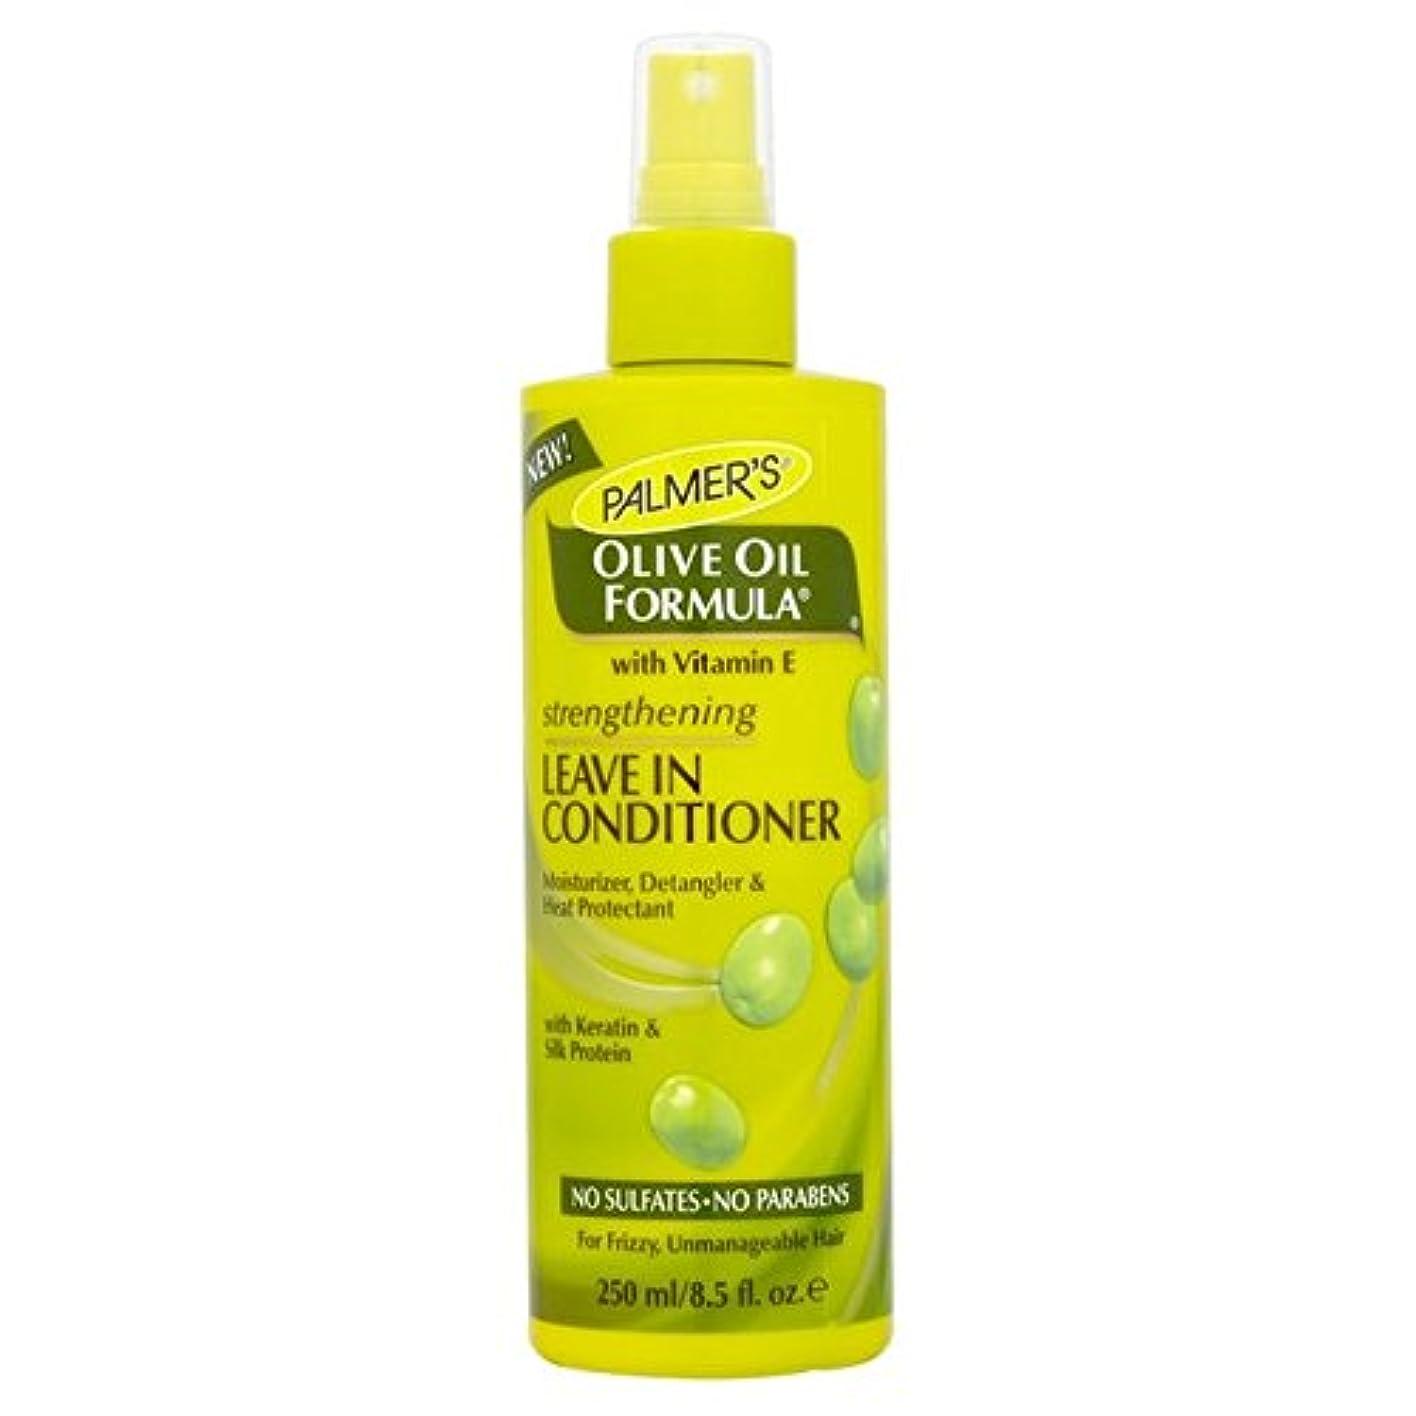 災害自動車柱Palmer's Olive Oil Formula Strengthening Leave-in Conditioner 250ml (Pack of 6) - リーブインコンディショナー250を強化パーマーのオリーブオイル式 x6 [並行輸入品]